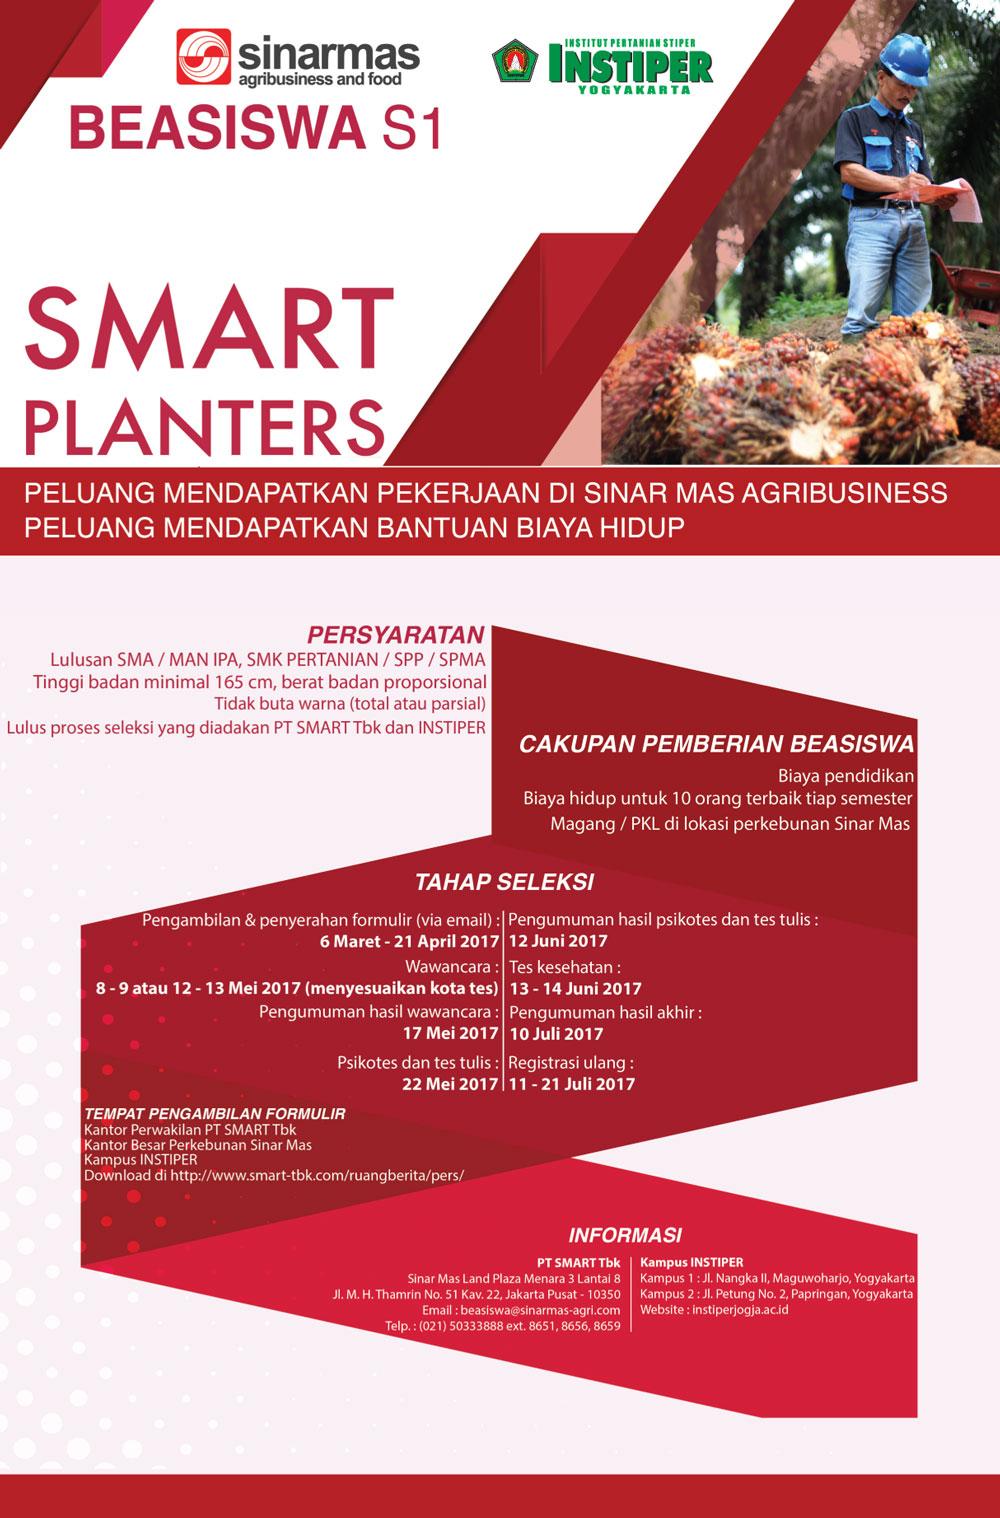 Beasiswa SMART Planters 2017